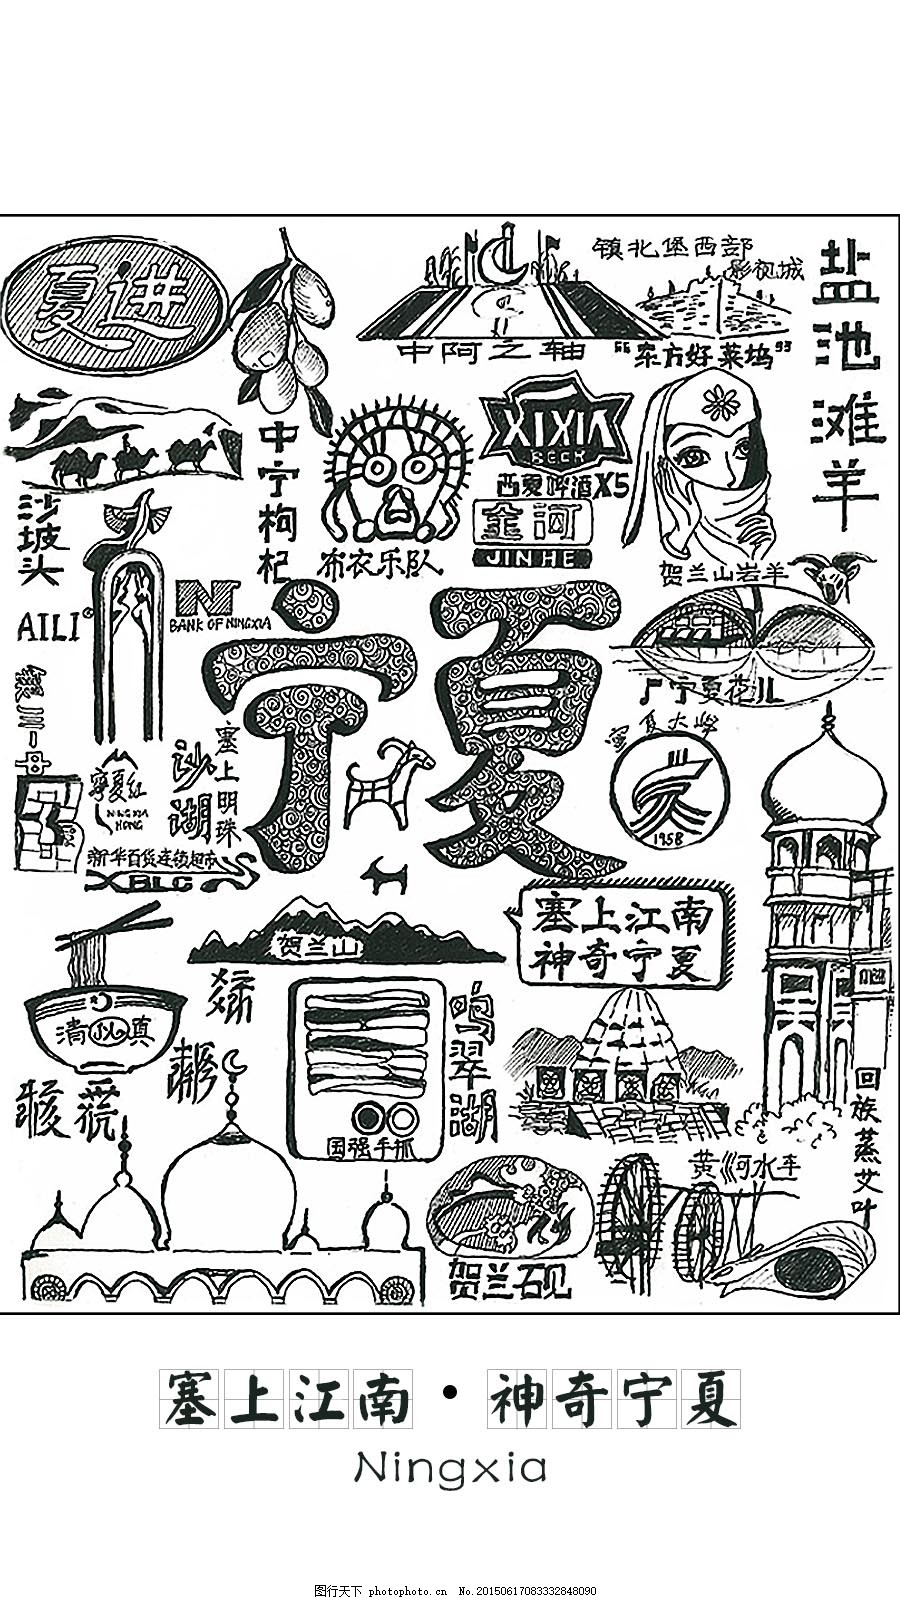 较大的壁纸 宁夏印象 手绘 塞上江南 手机锁屏 意识流 头脑风暴